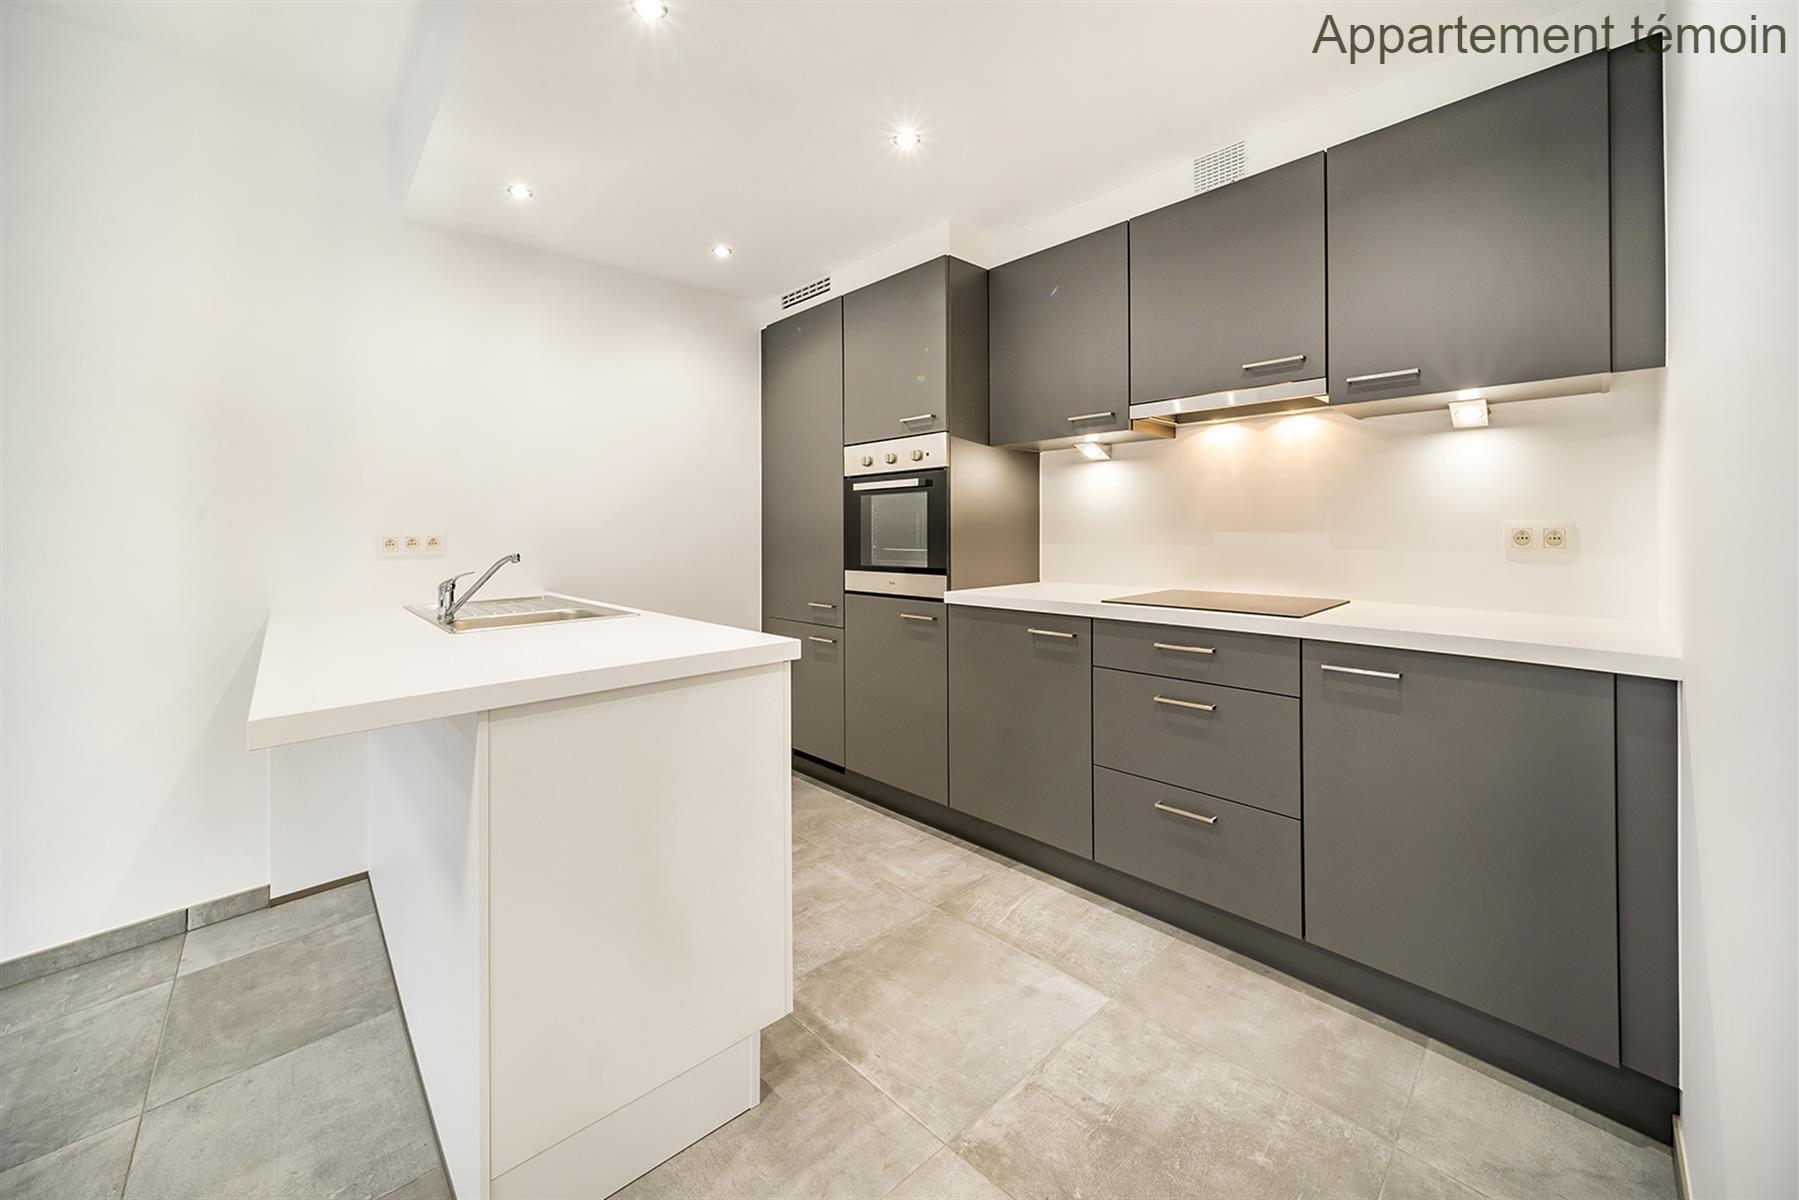 Appartement - Hannut - #3730193-12